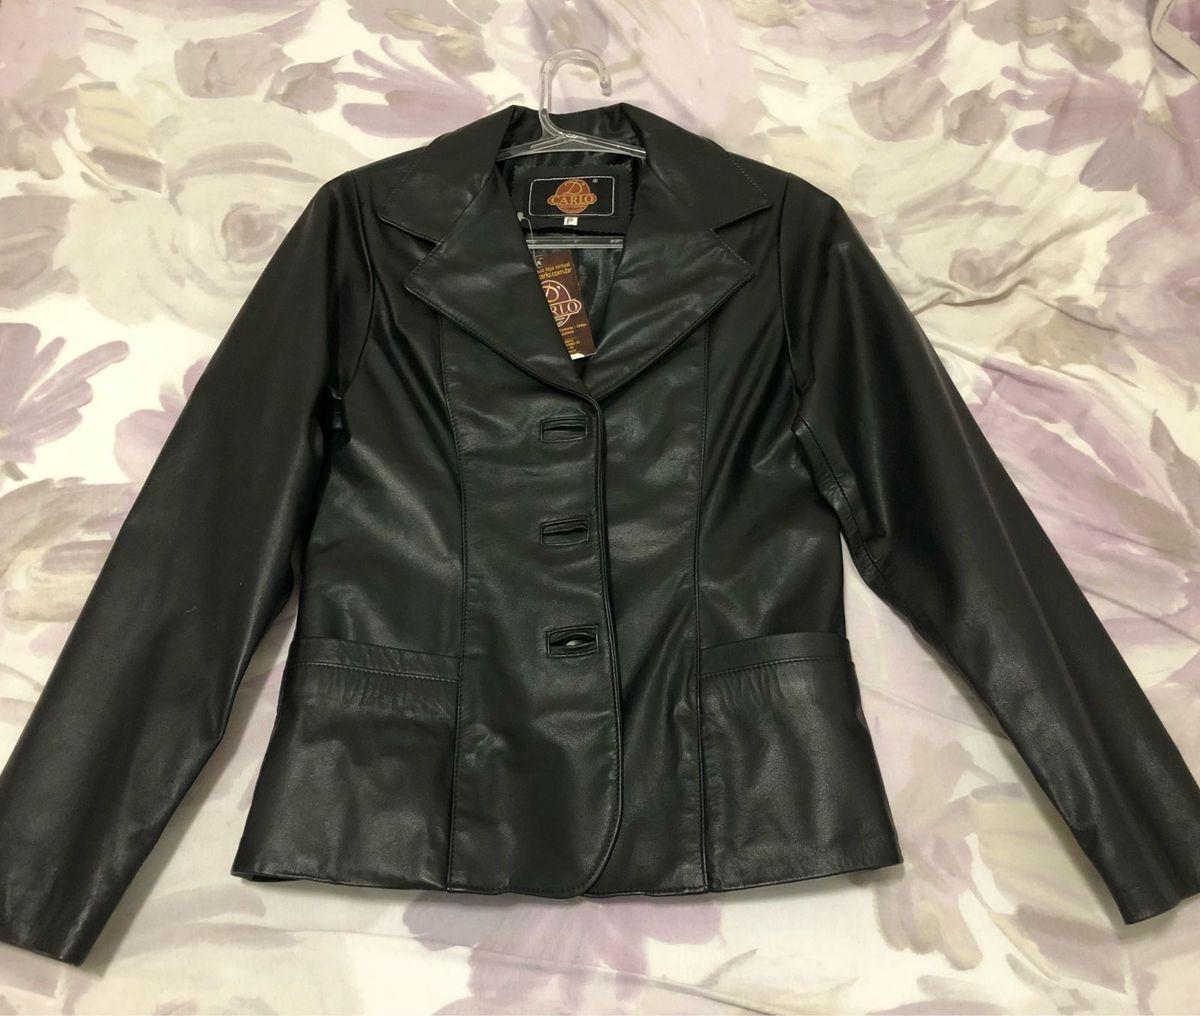 db95a448d jaqueta de couro legítimo - casaquinhos d'carlo.  Czm6ly9wag90b3muzw5qb2vplmnvbs5ici9wcm9kdwn0cy82oduxndu5lzq0zjhiytrmymuzztlmyti2otgwmtnlztexotdlmgiwlmpwzw